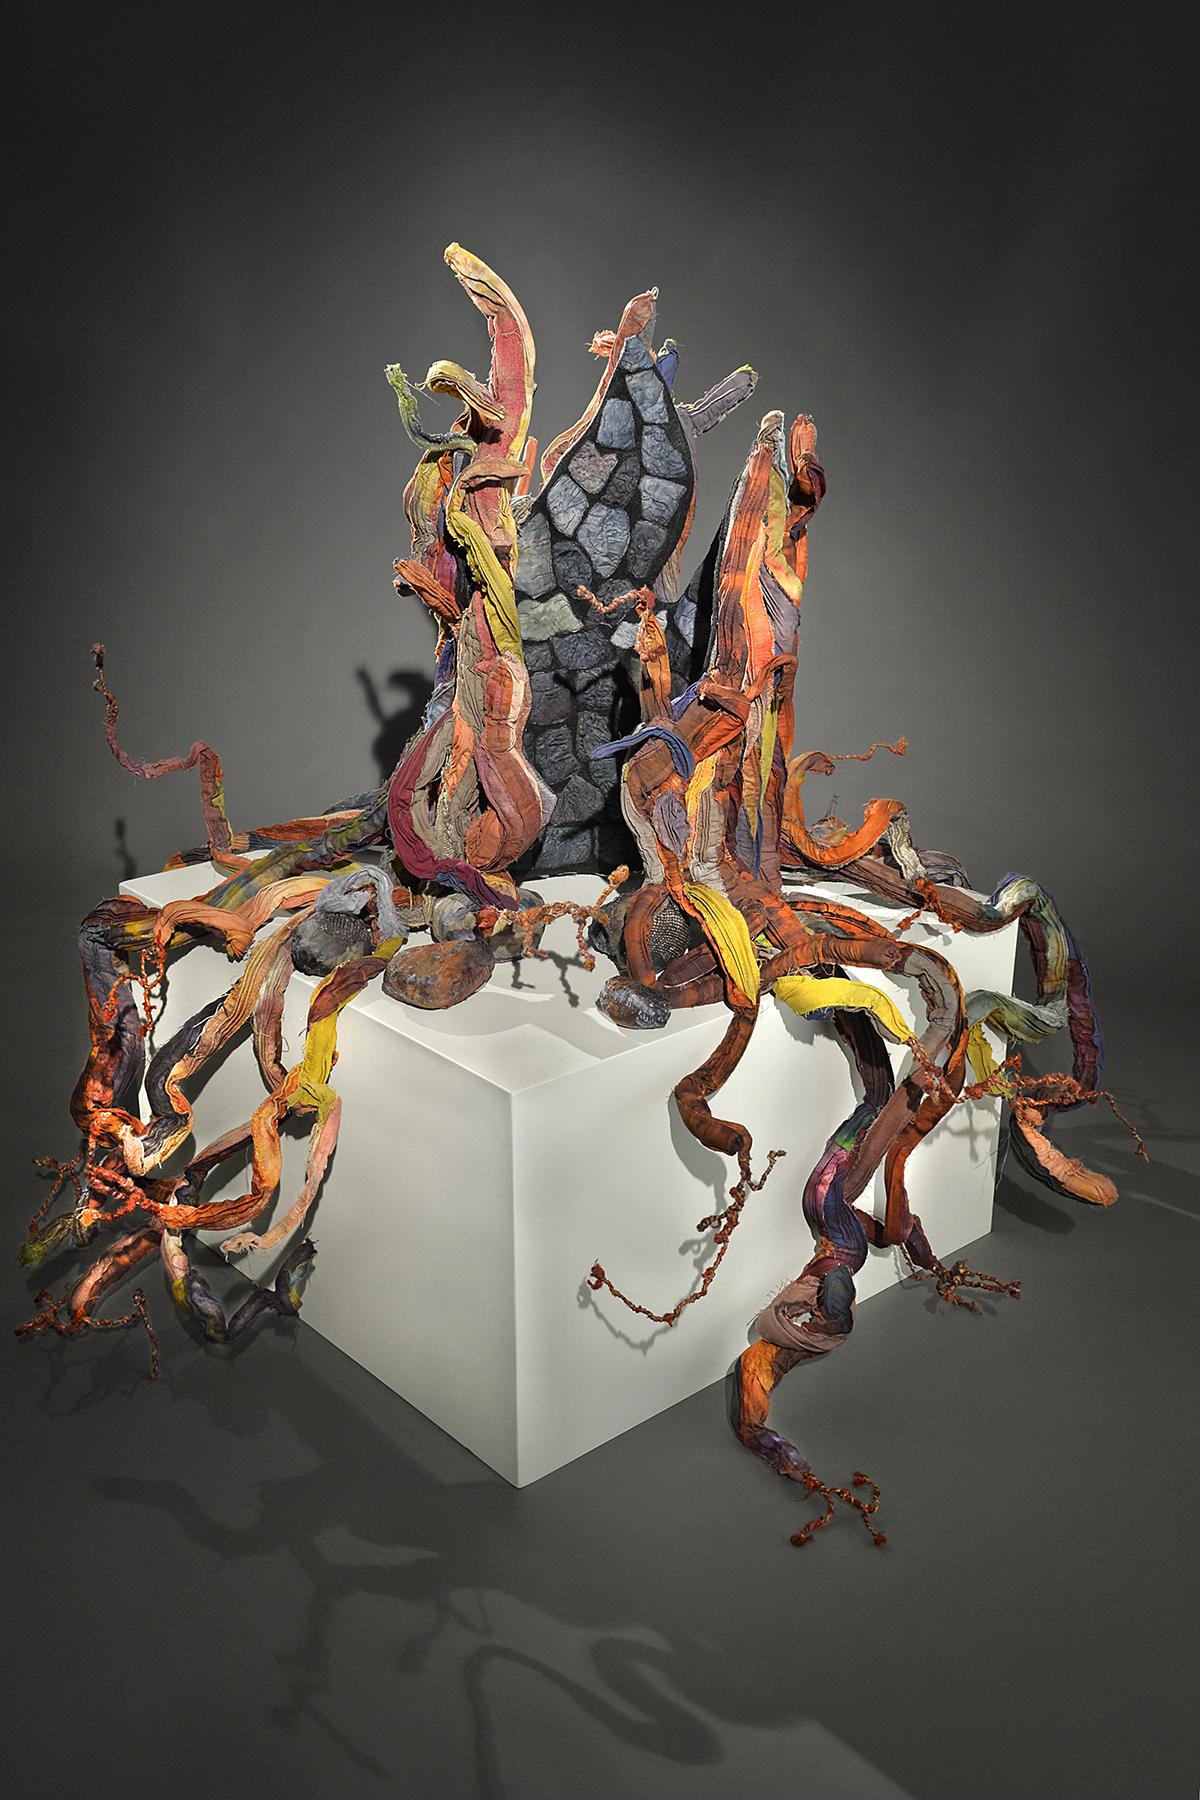 Escultura multicolorida, que lembra tentáculos, sobre um cubo branco